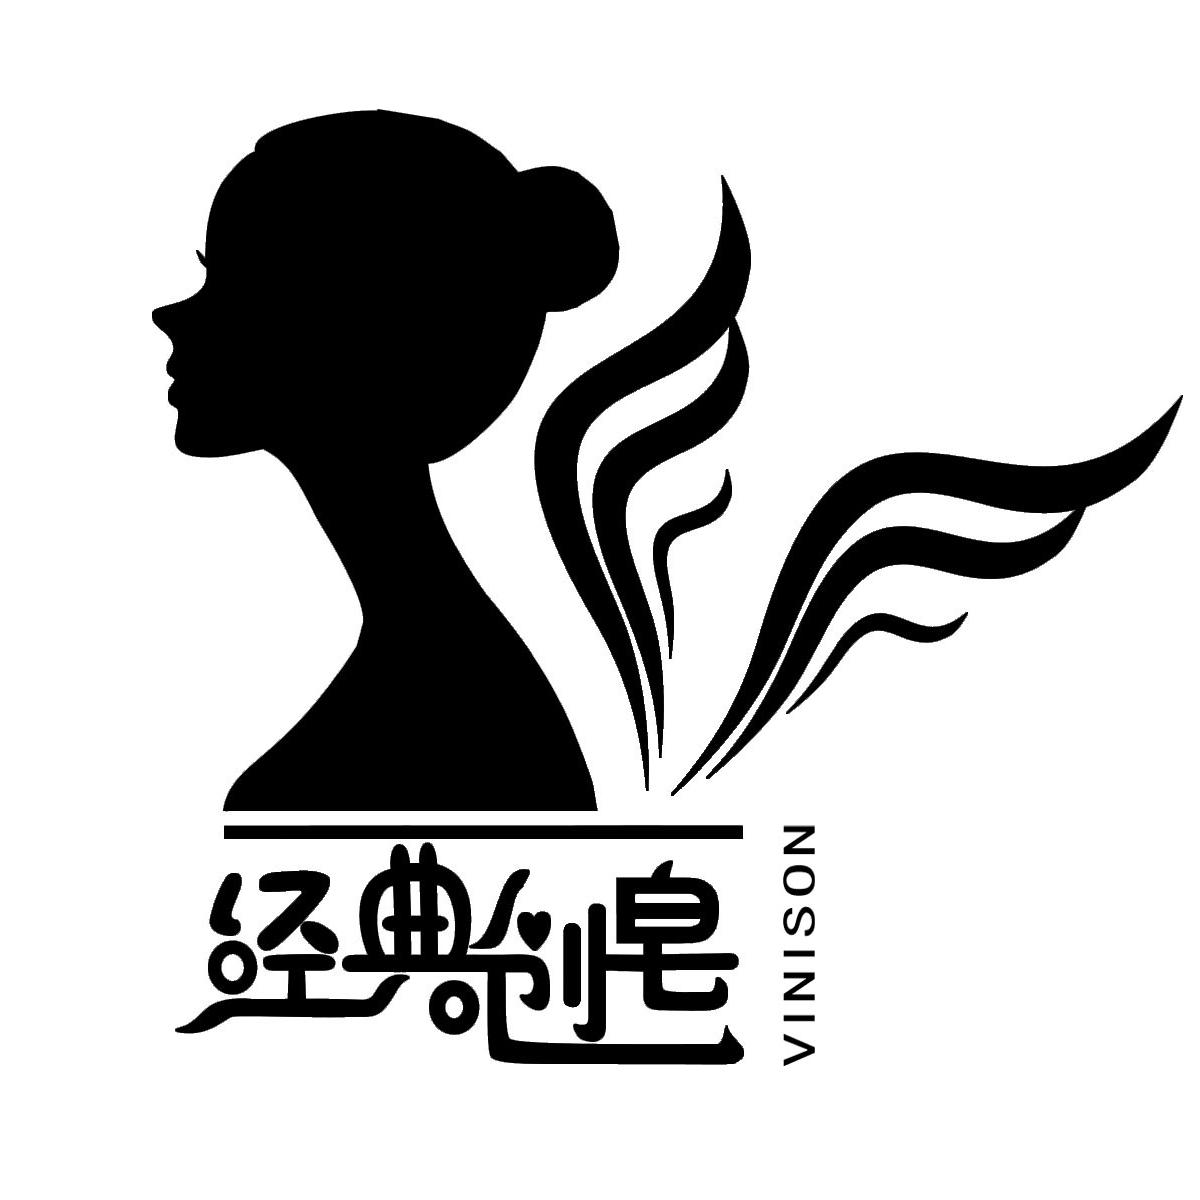 logo logo 标志 设计 矢量 矢量图 素材 图标 1200_1200